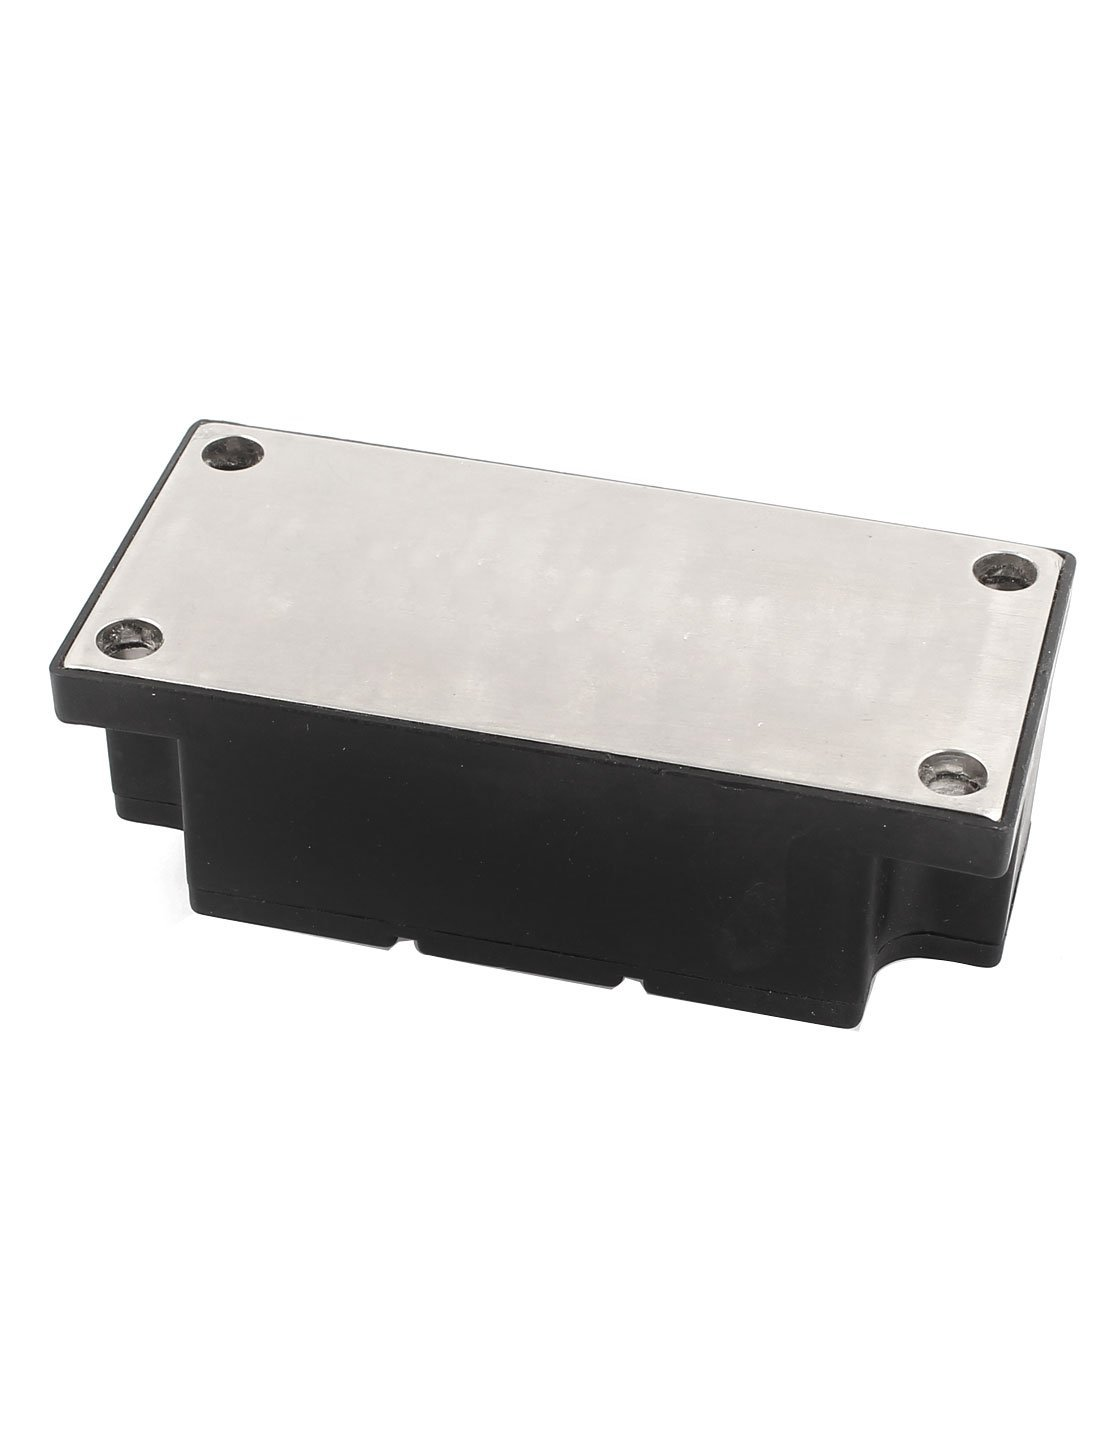 MDC-200A 3 terminaux MDC SCR redresseur Module 200A 1600V